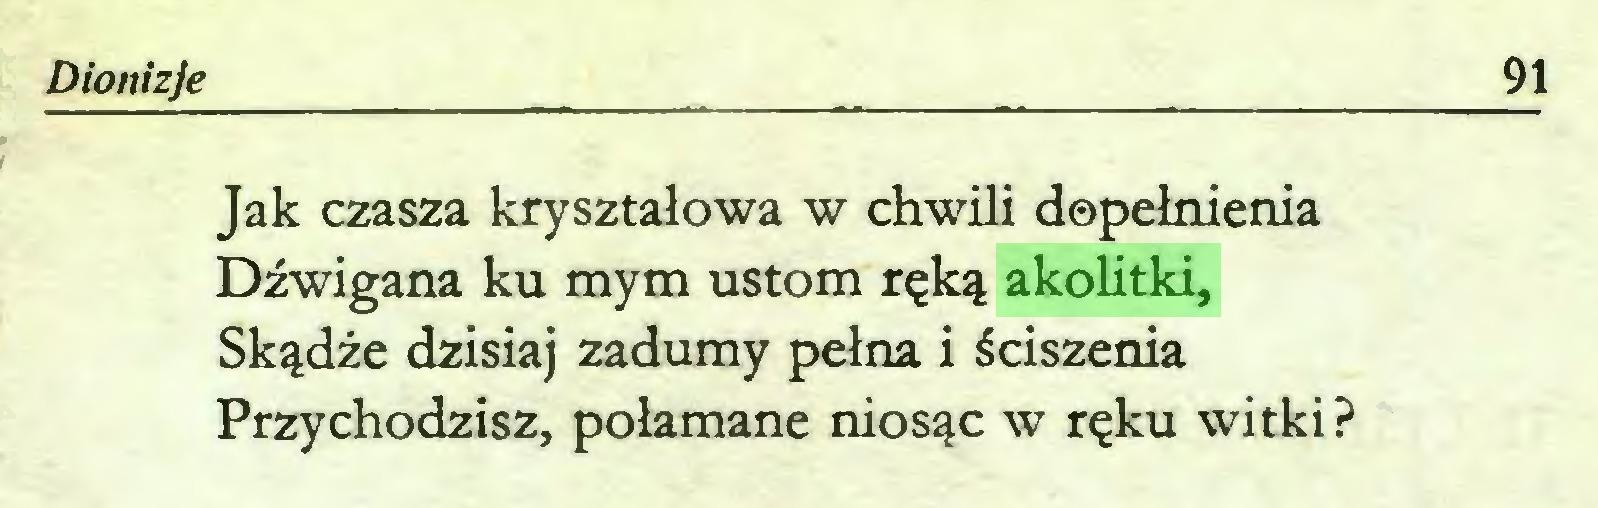 (...) Dionizje 91 Jak czasza kryształowa w chwili dopełnienia Dźwigana ku mym ustom ręką akolitki, Skądże dzisiaj zadumy pełna i ściszenia Przychodzisz, połamane niosąc w ręku witki?...